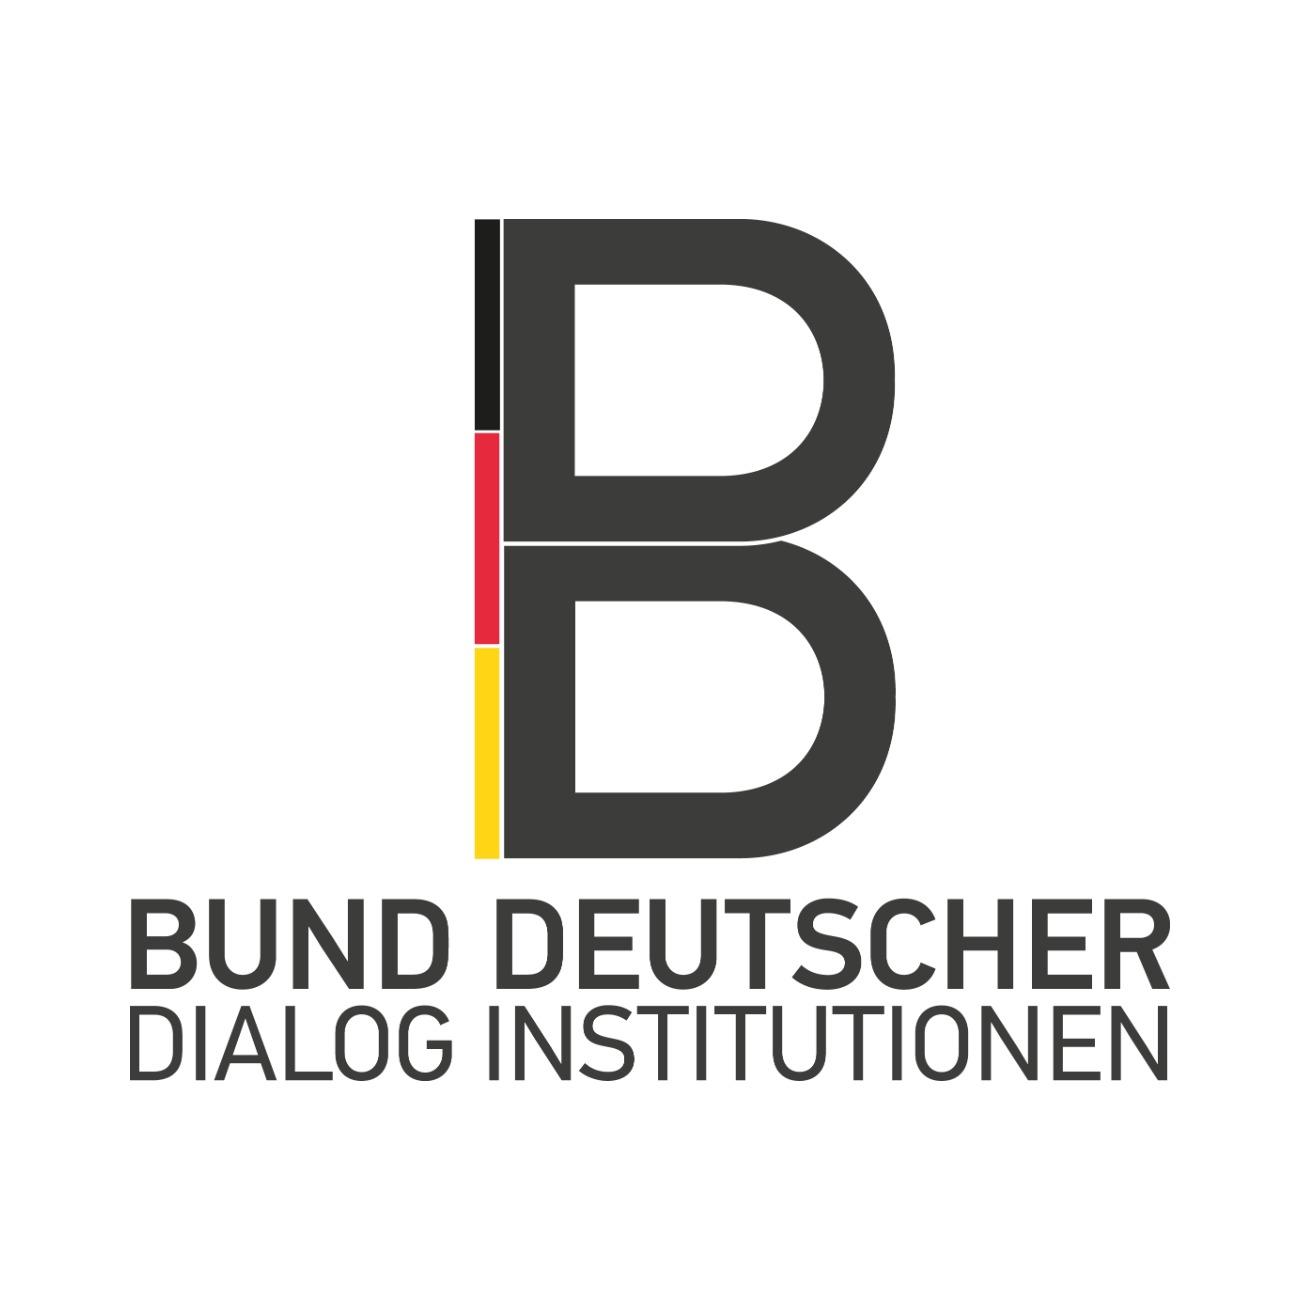 bund deutscher dialog institutionen logo